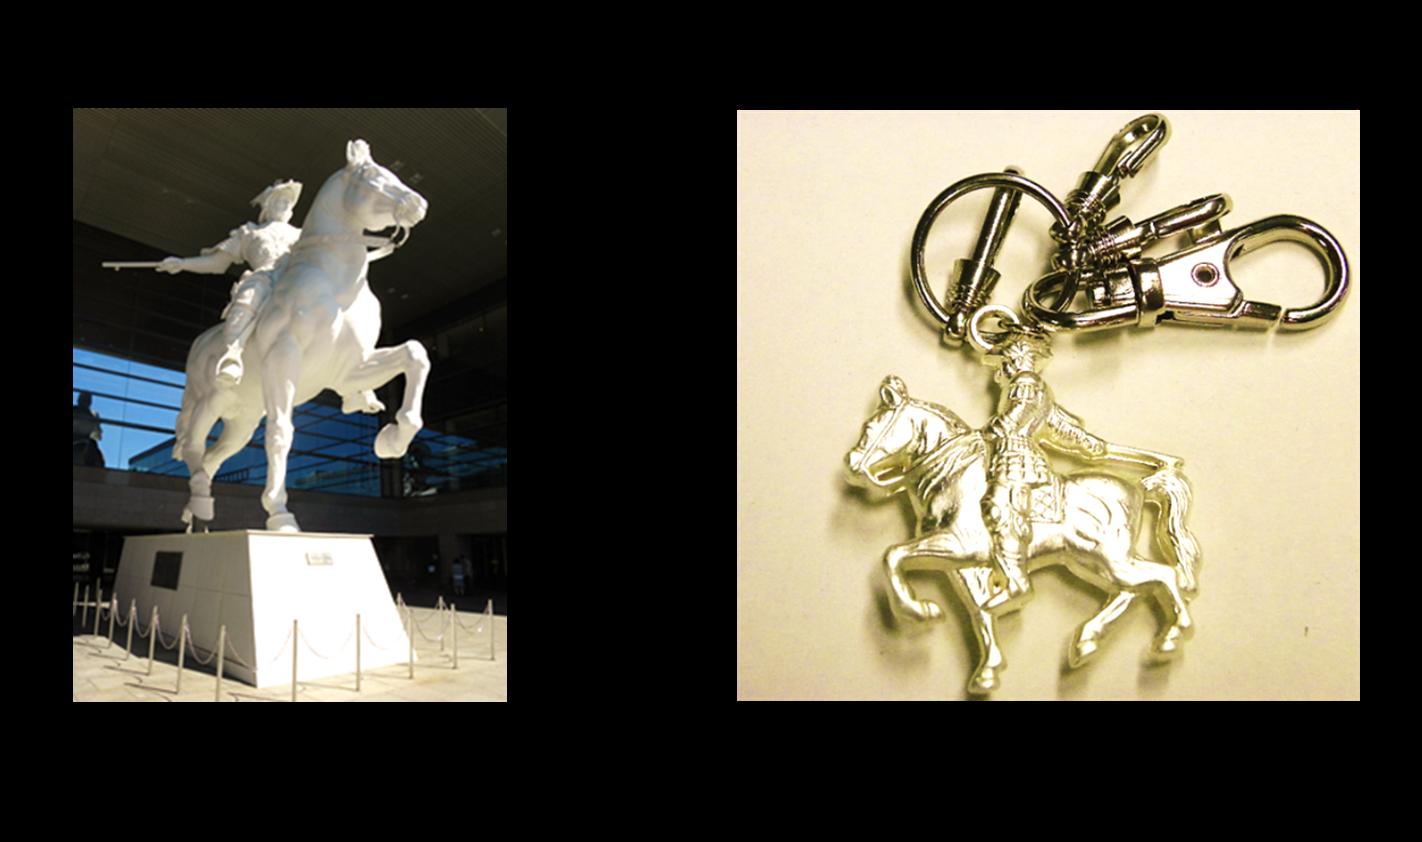 騎馬像とキーホルダーの写真